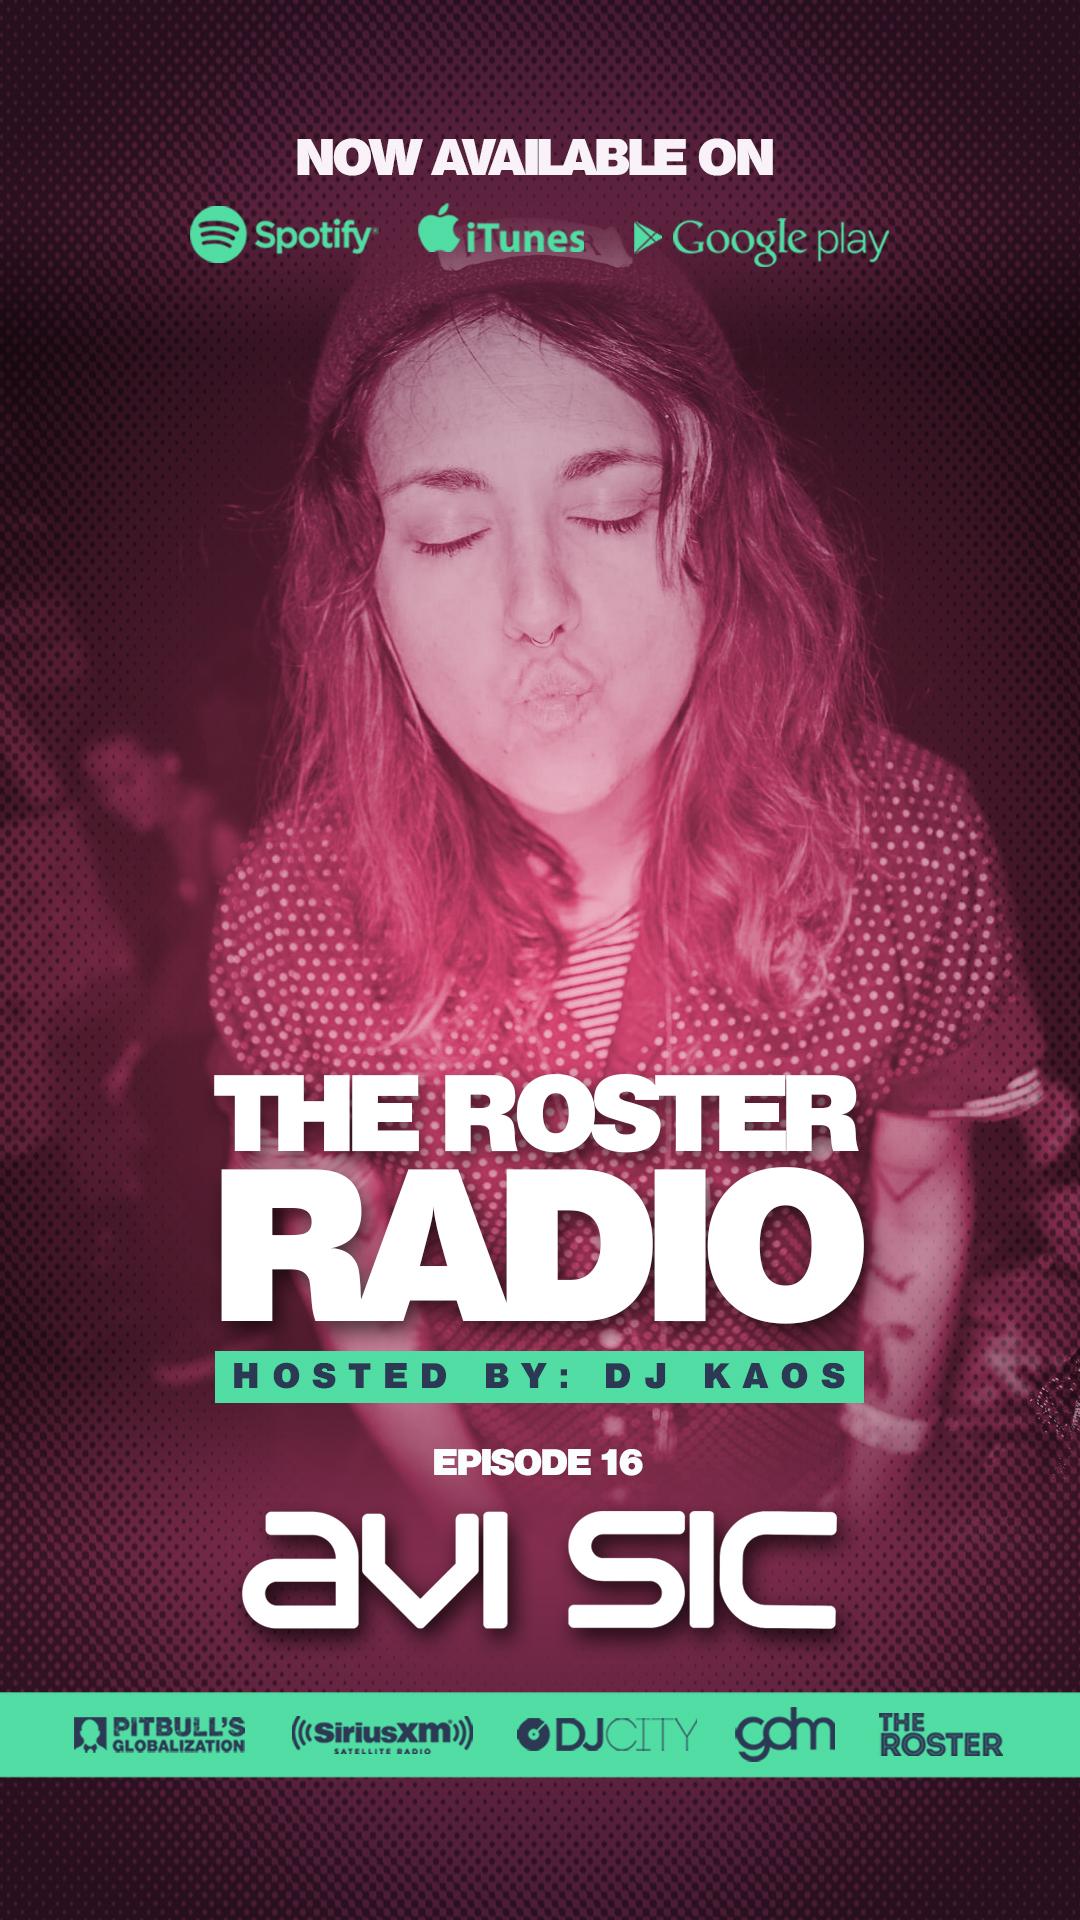 TheRosterRadio-Episode16-AviSic-StreamArt.jpg